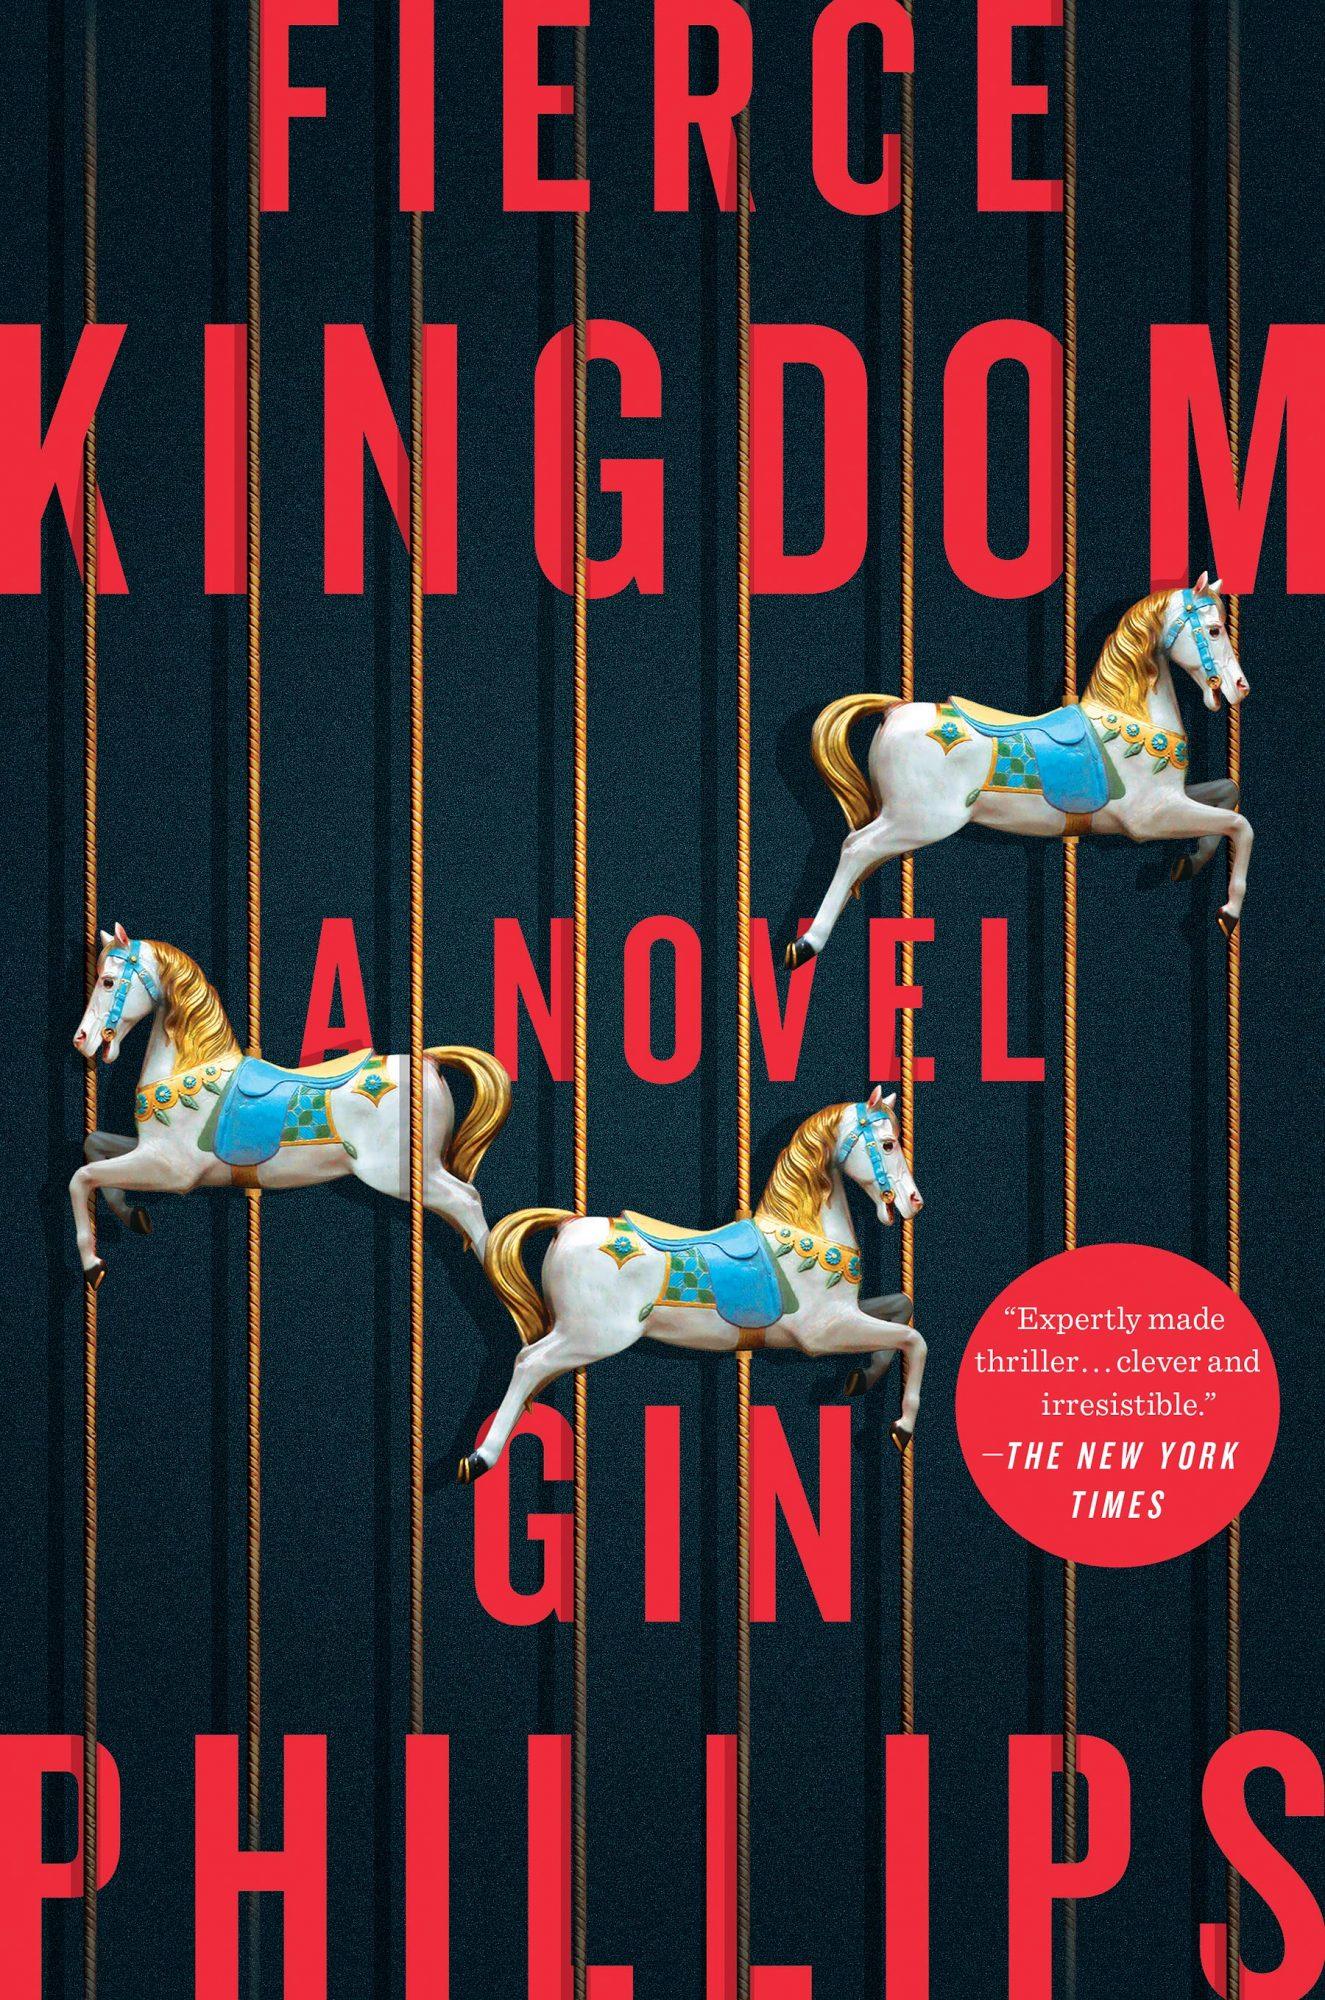 Fierce Kingdom by Gin Phillips CR: Penguin